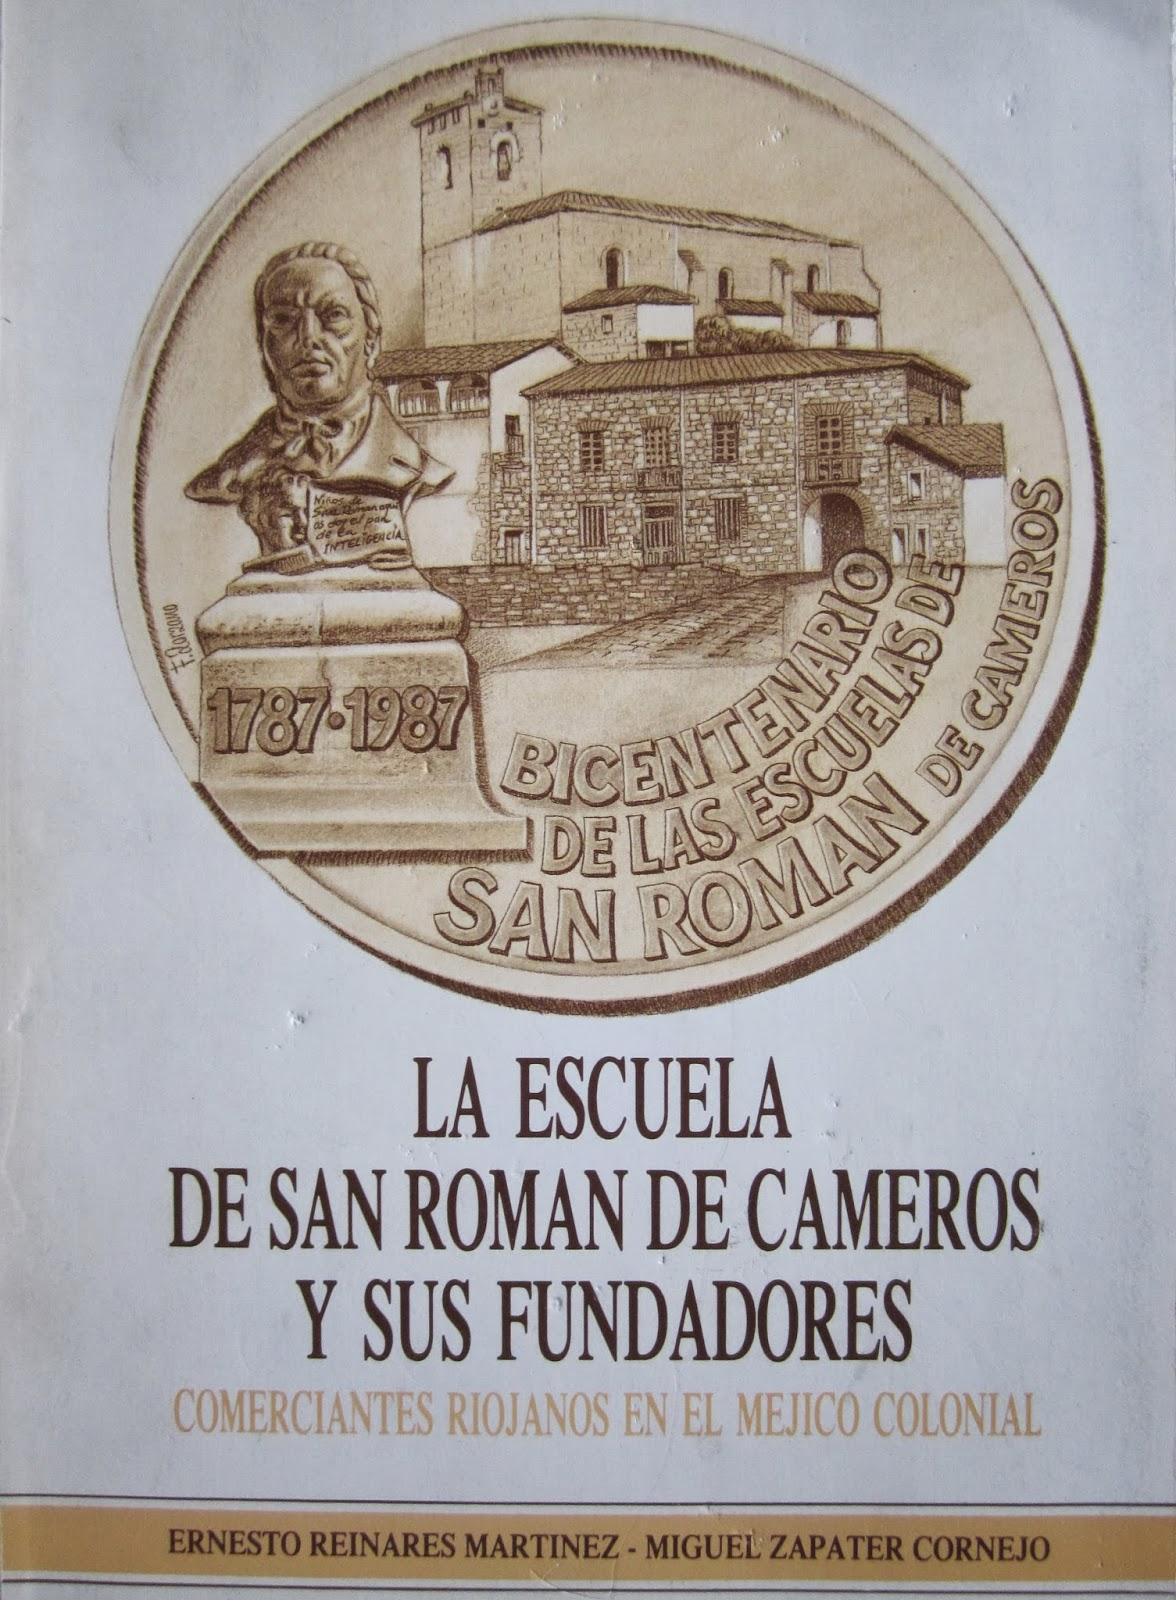 Reinares Martínez, Ernesto y Zapater Cornejo, Miguel, La escuela de San Román de Cameros y sus fundadores. Comerciantes riojanos en el Méjico colonial